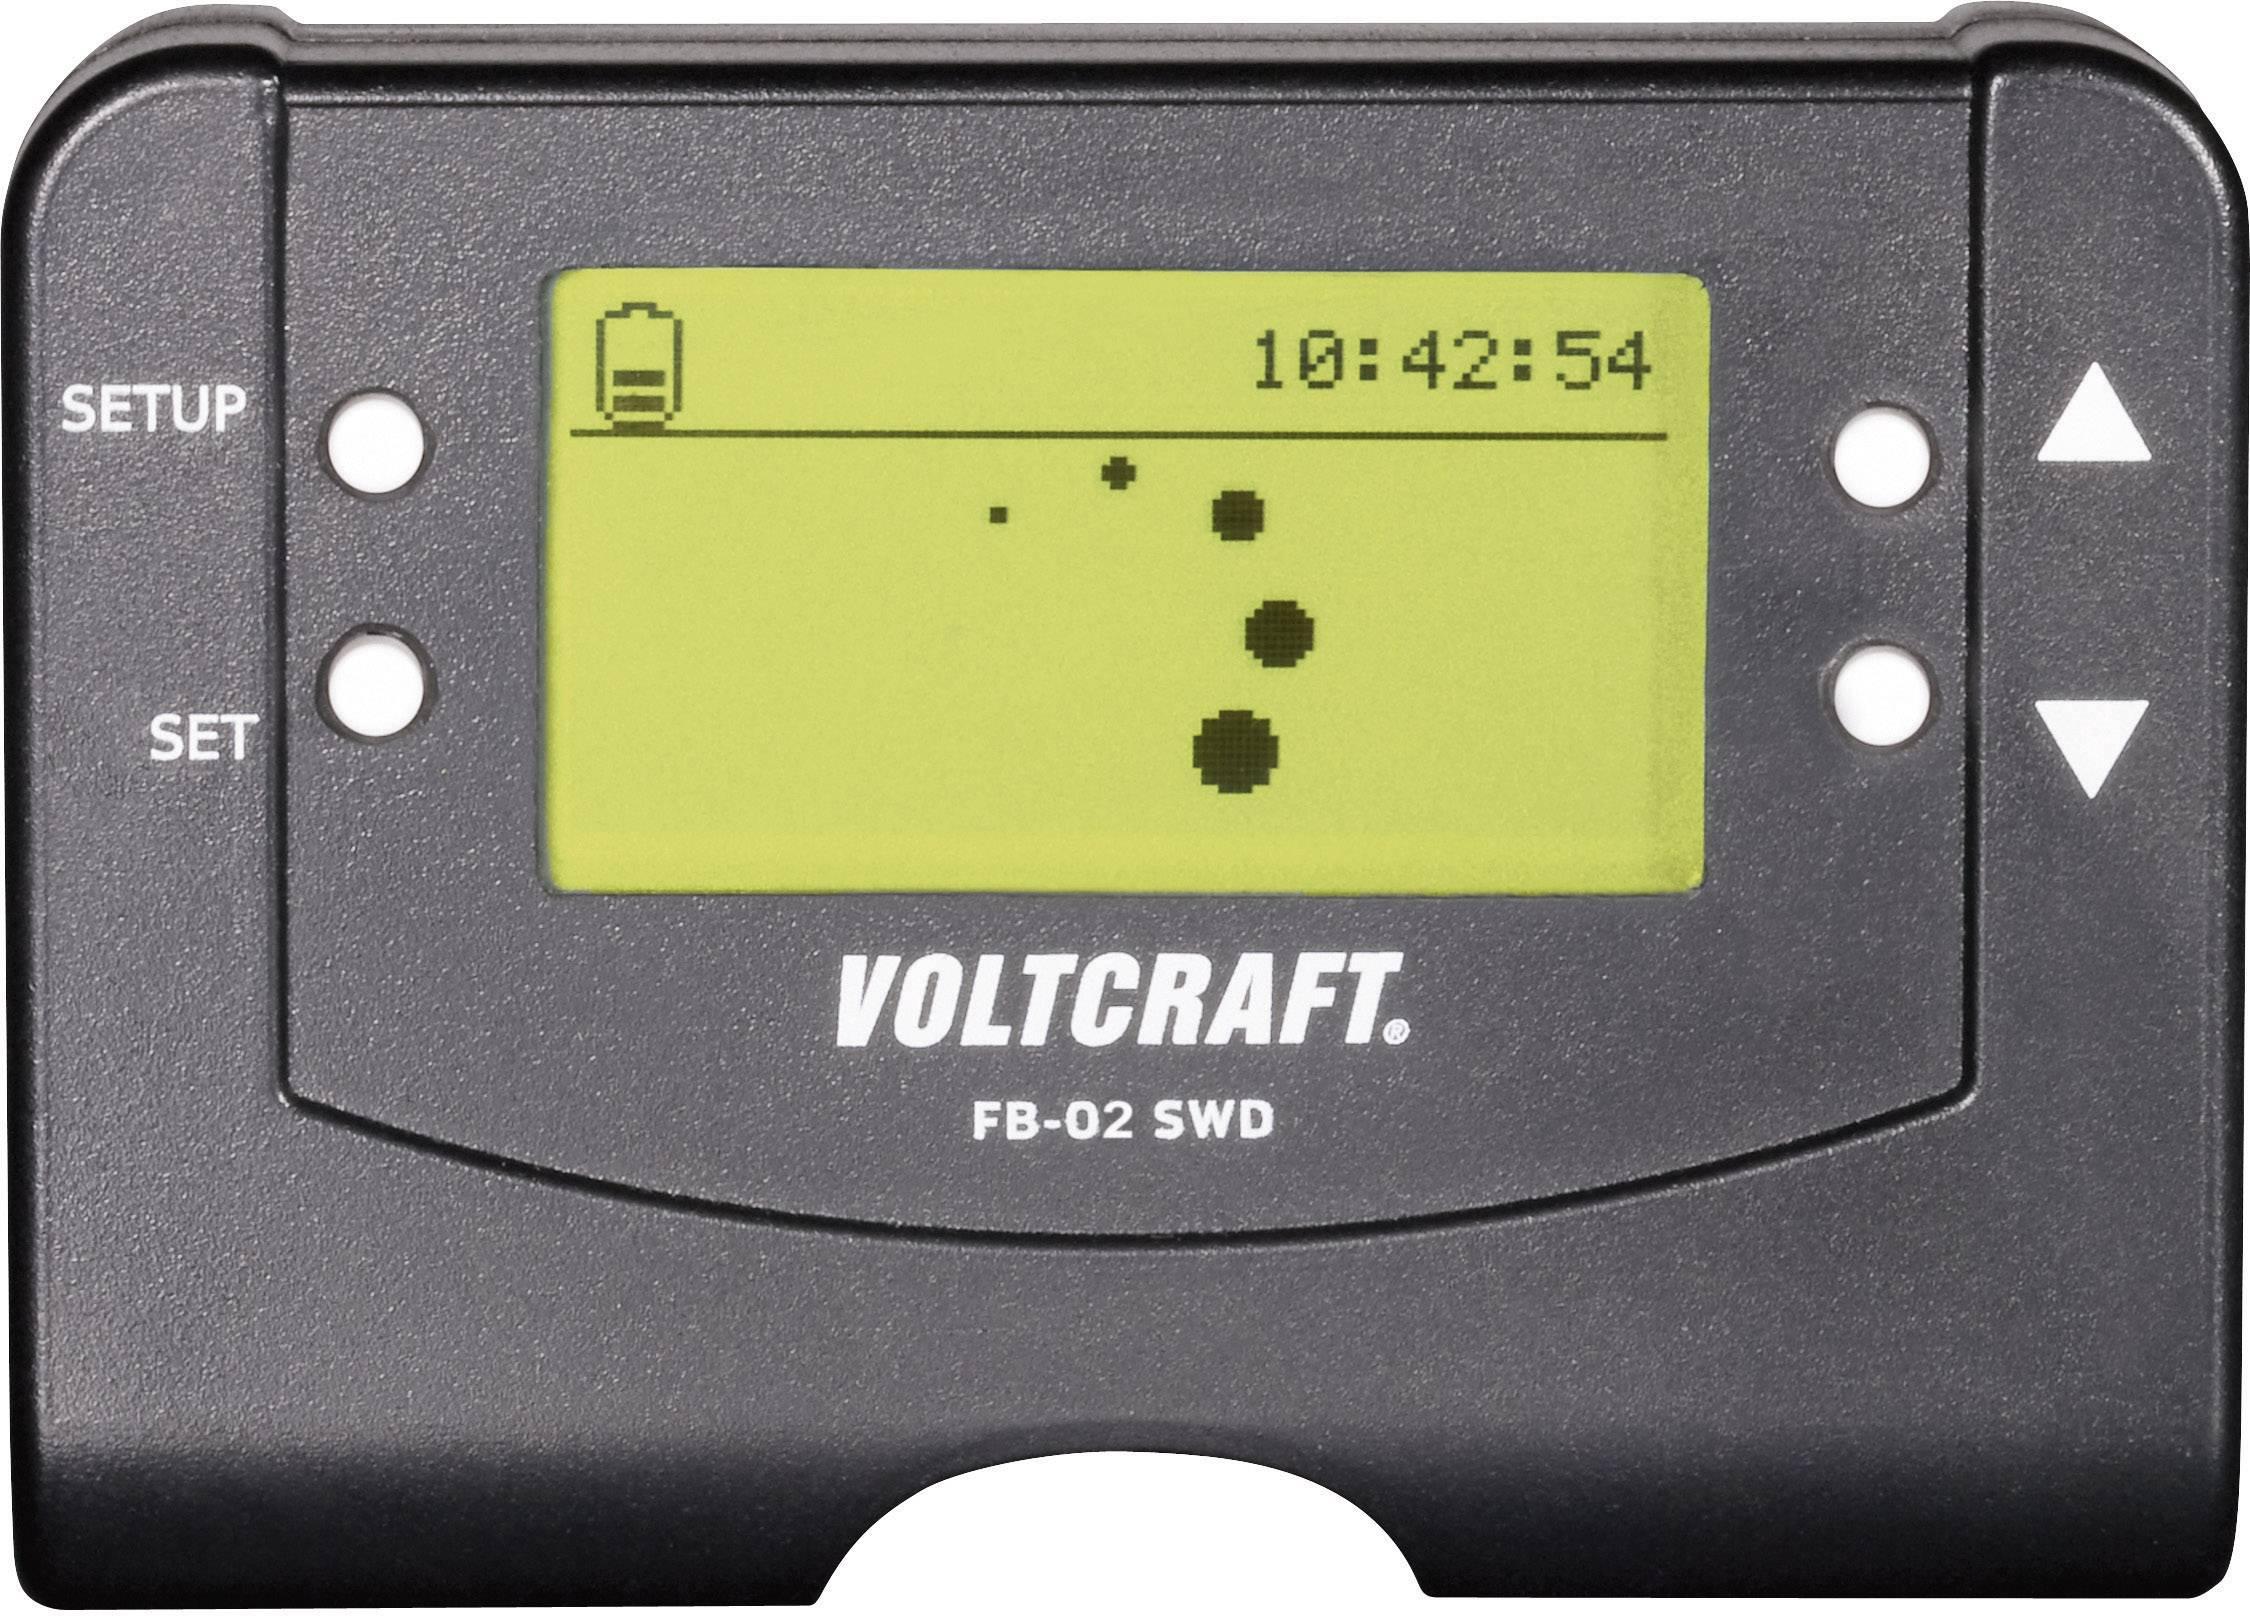 Kabelové dálkové ovládání s displejem Voltcraft FB-02 SWD